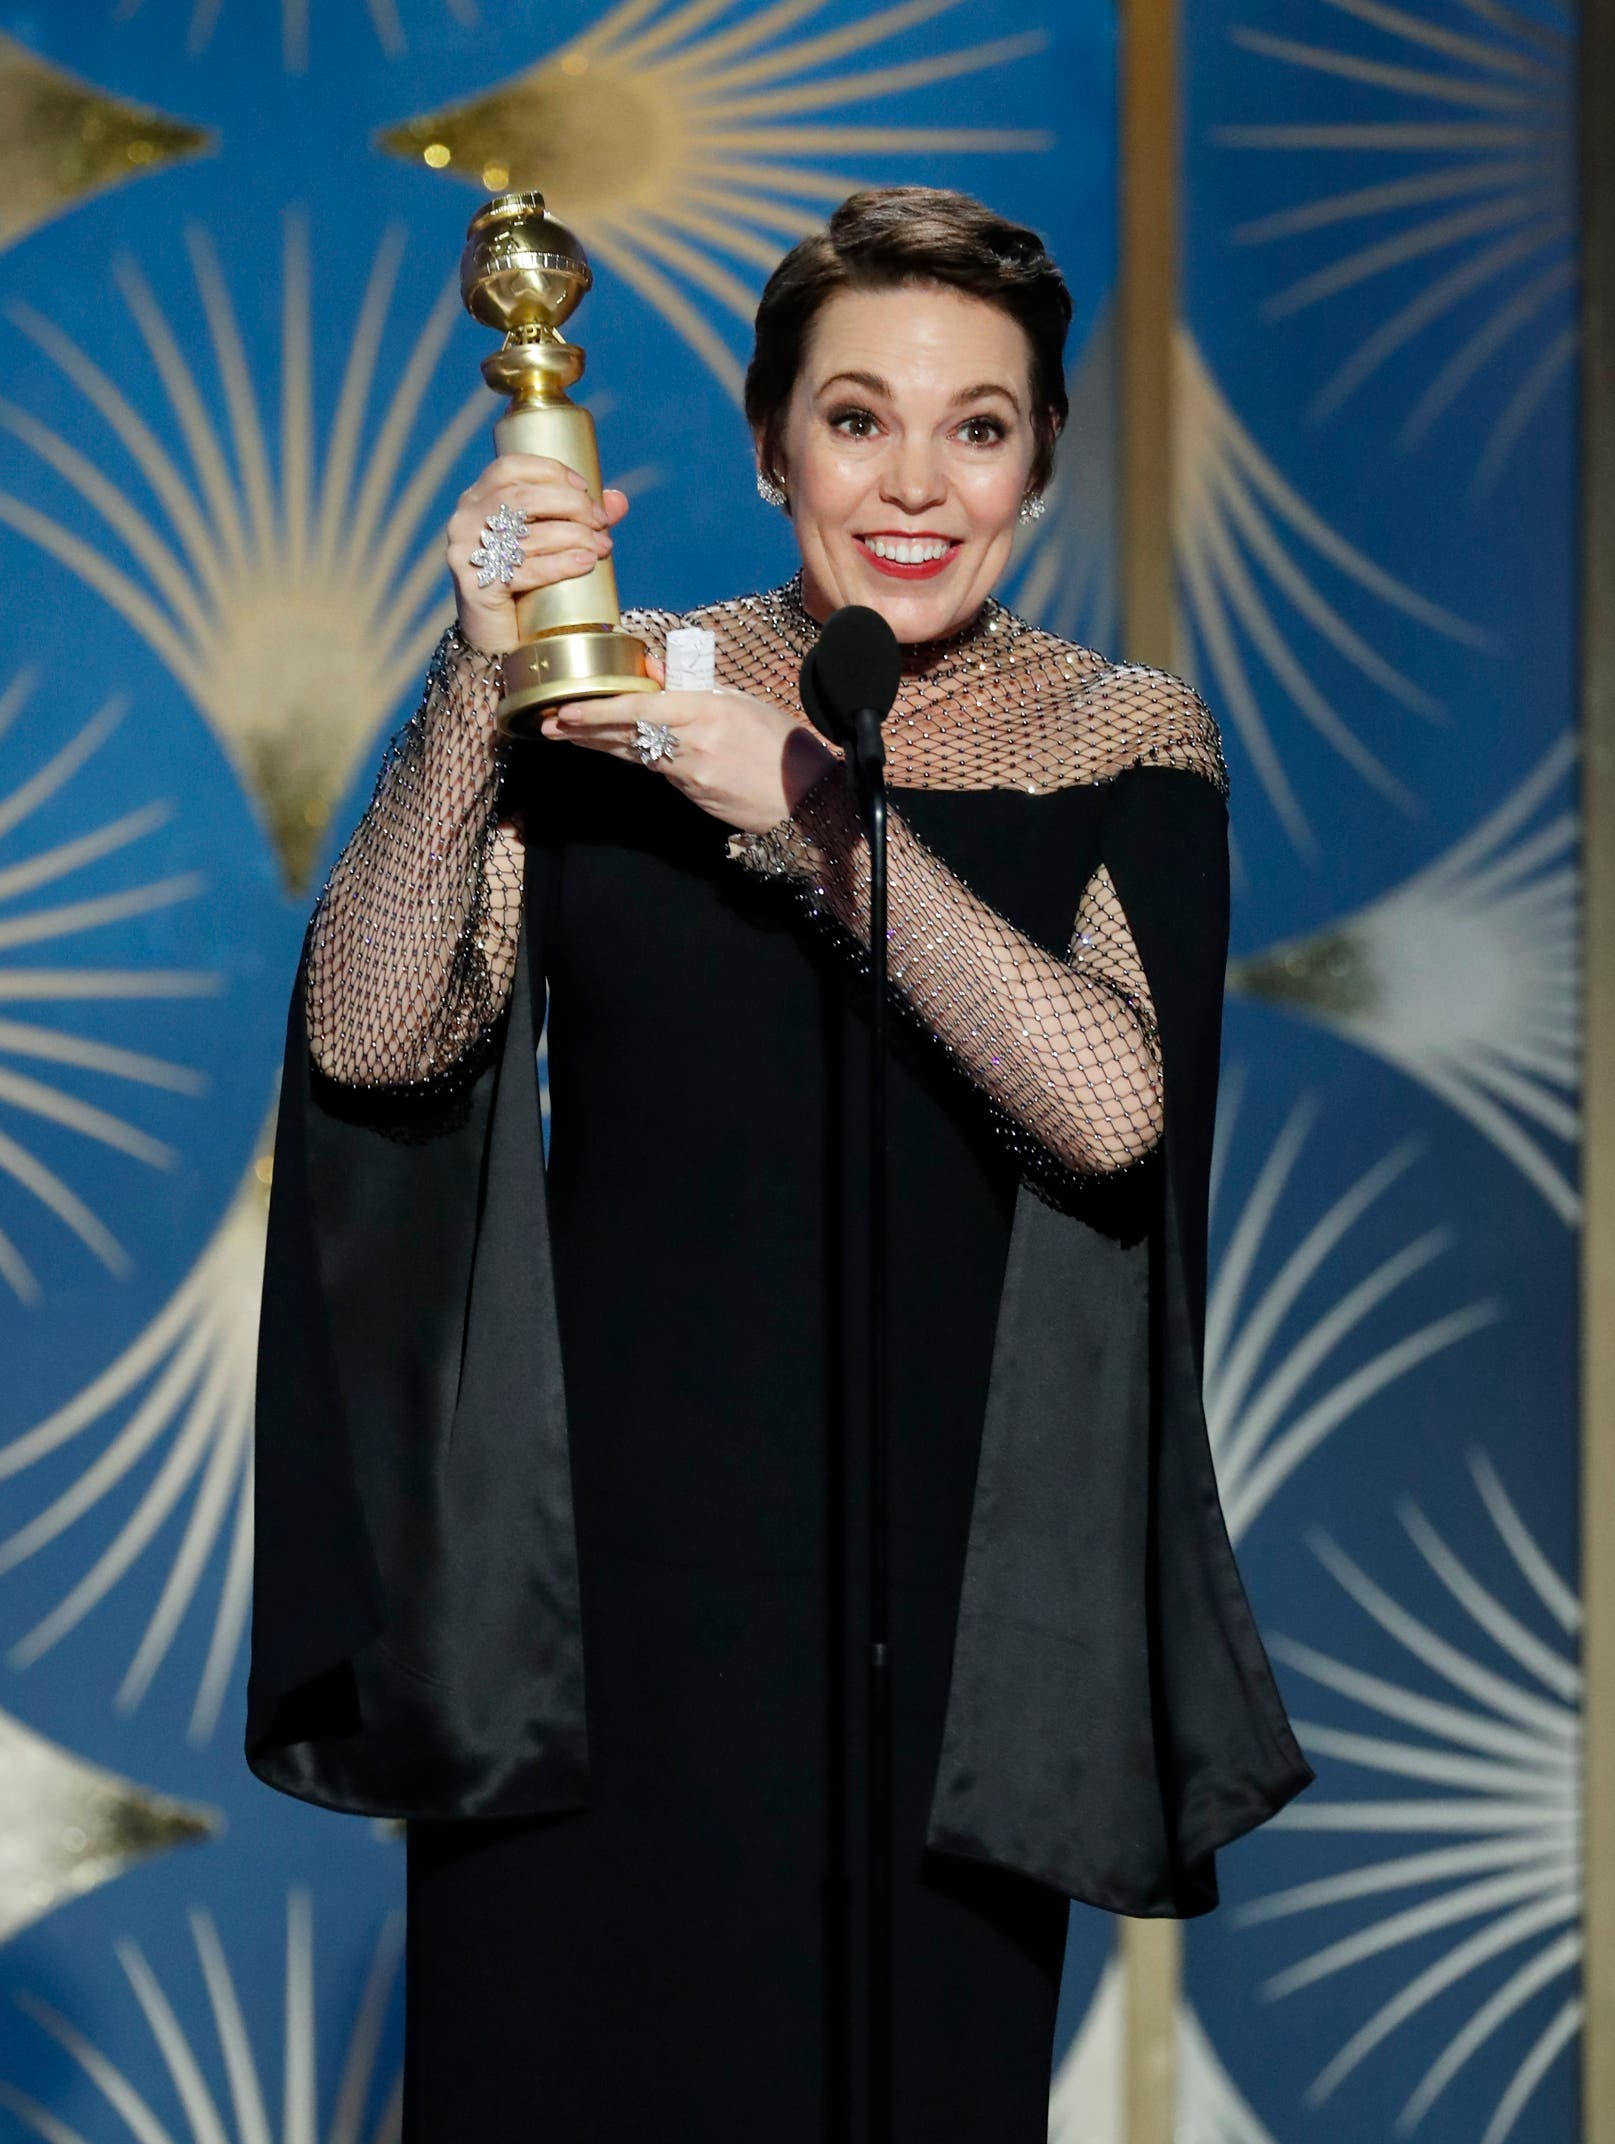 Olivia Colman freut sich über ihren Golden Globe für die beste Schauspielerin in einer Komödie/Musical («The Favourite – Intrigen und Irrsinn»). (Bild: Paul Drinkwater/AP (Los Angeles, 6. Januar 2018))